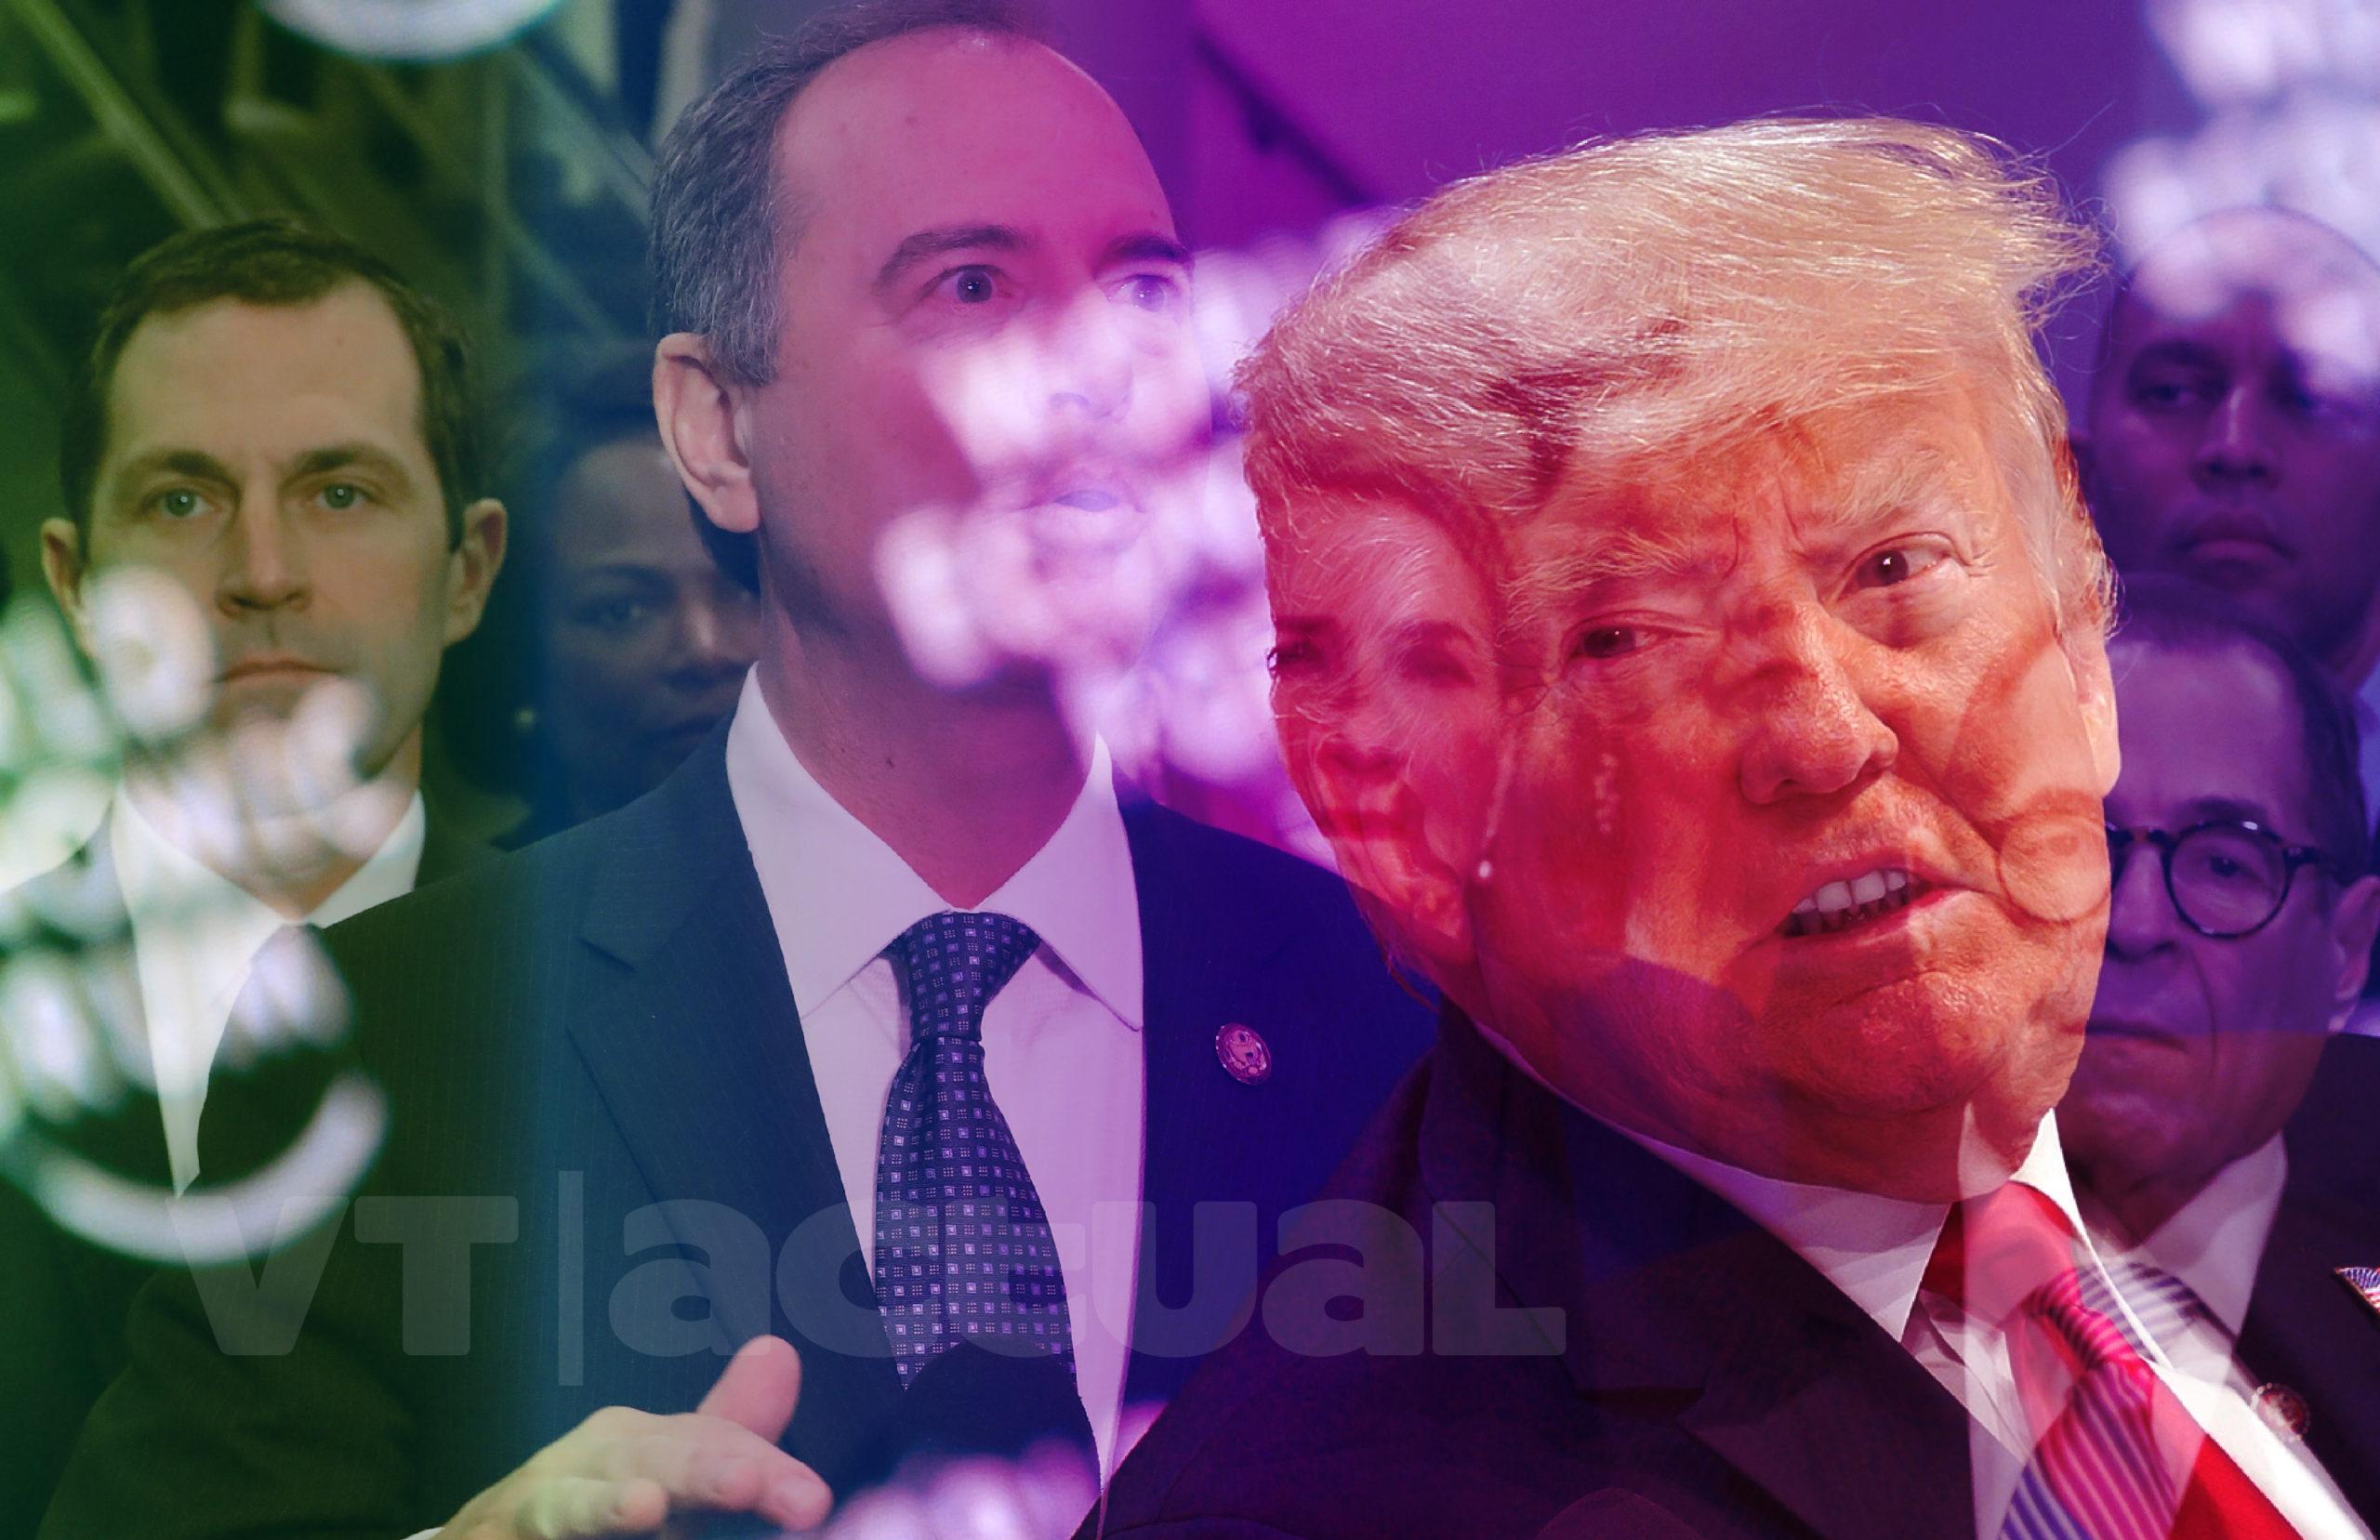 Demócratas brindaron sus alegatos en juicio contra #DonaldTrump / Foto: VTactual